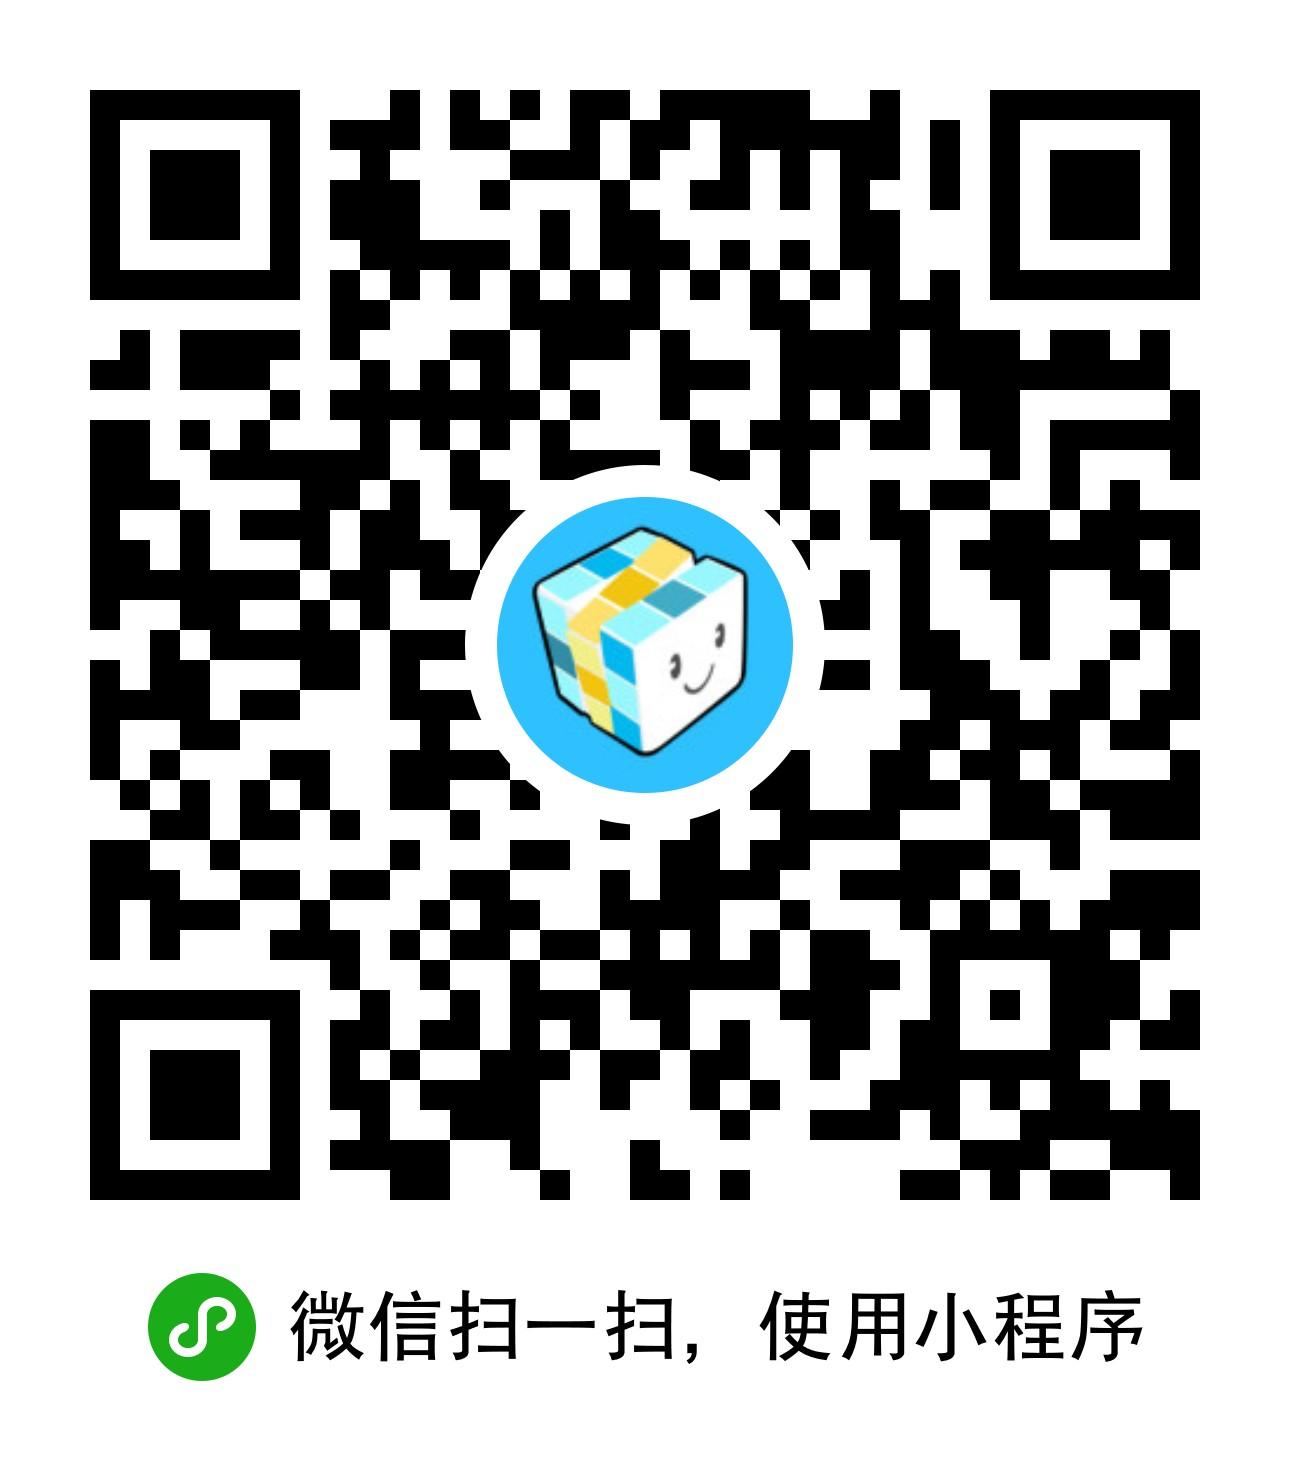 豆腐言情小说二维码